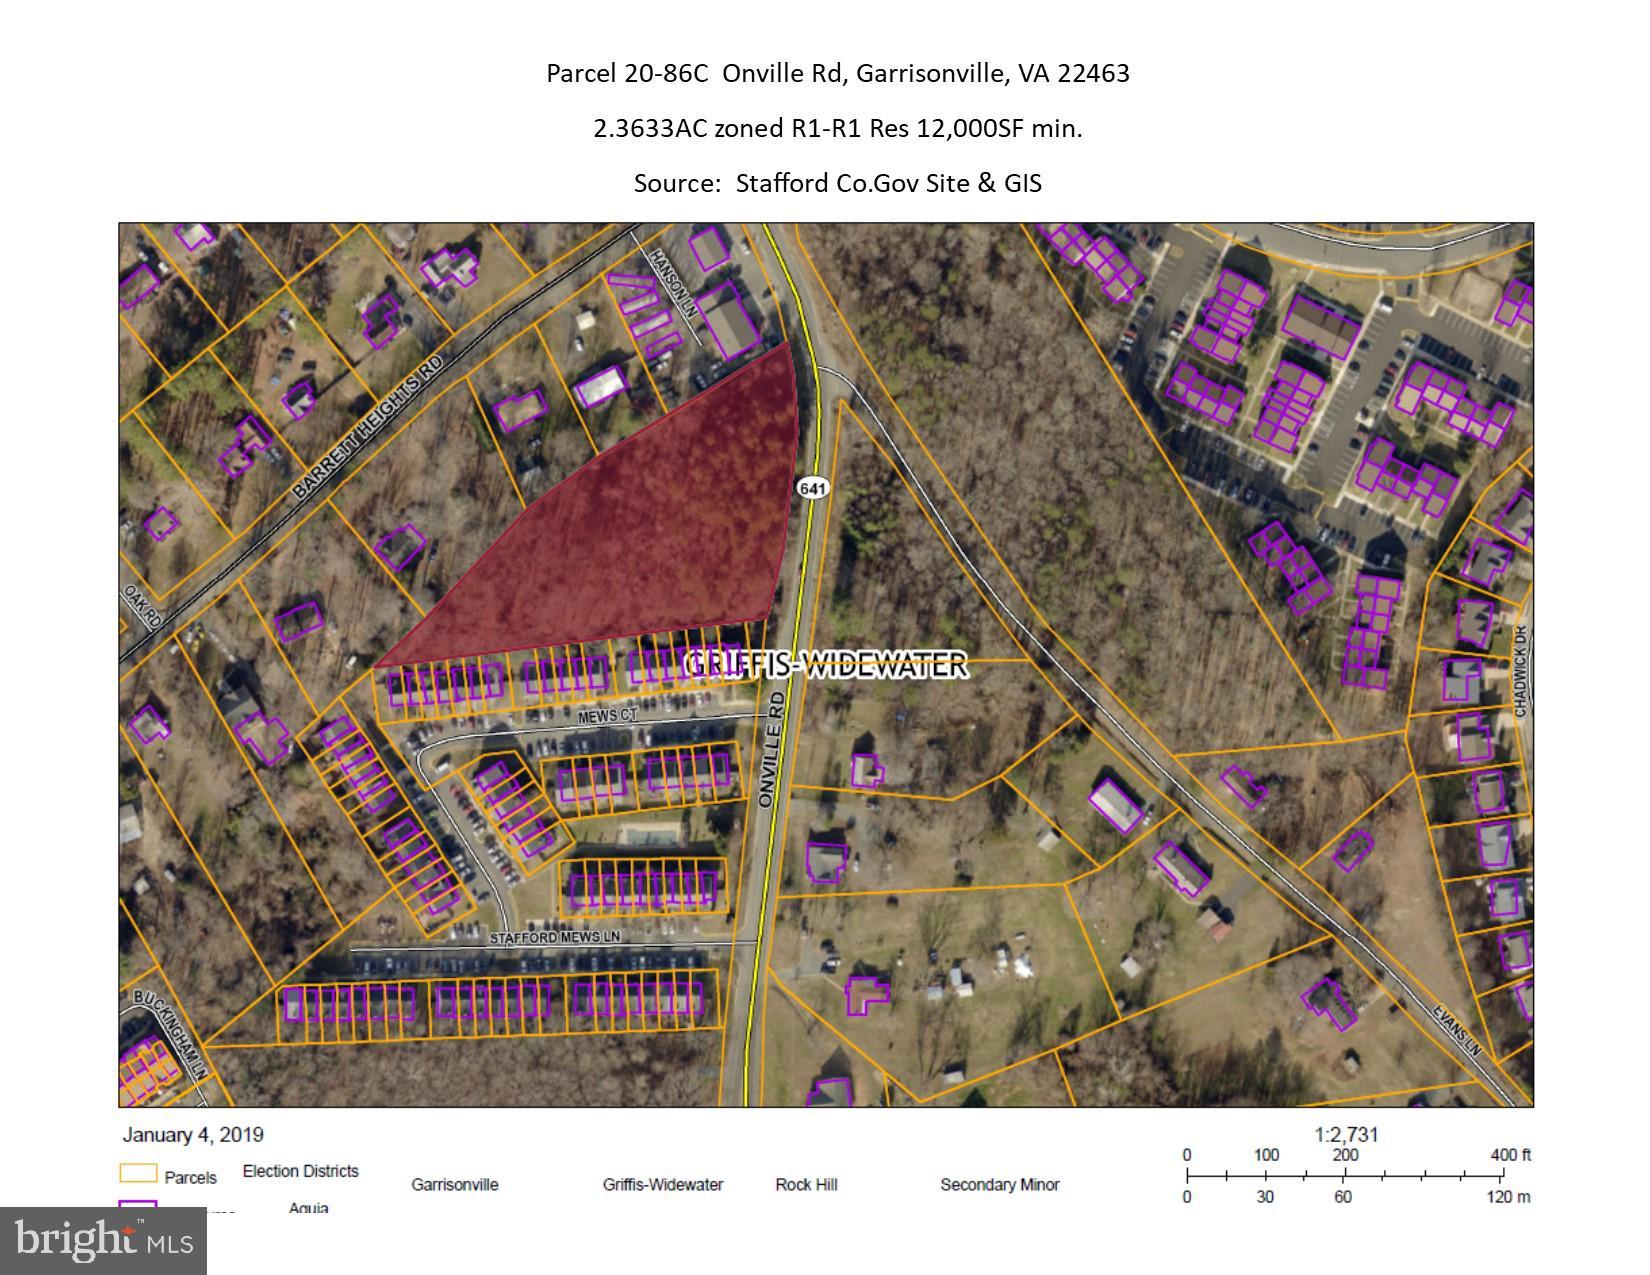 PARCEL 20-86C, ONVILLE RD, GARRISONVILLE, VA 22463